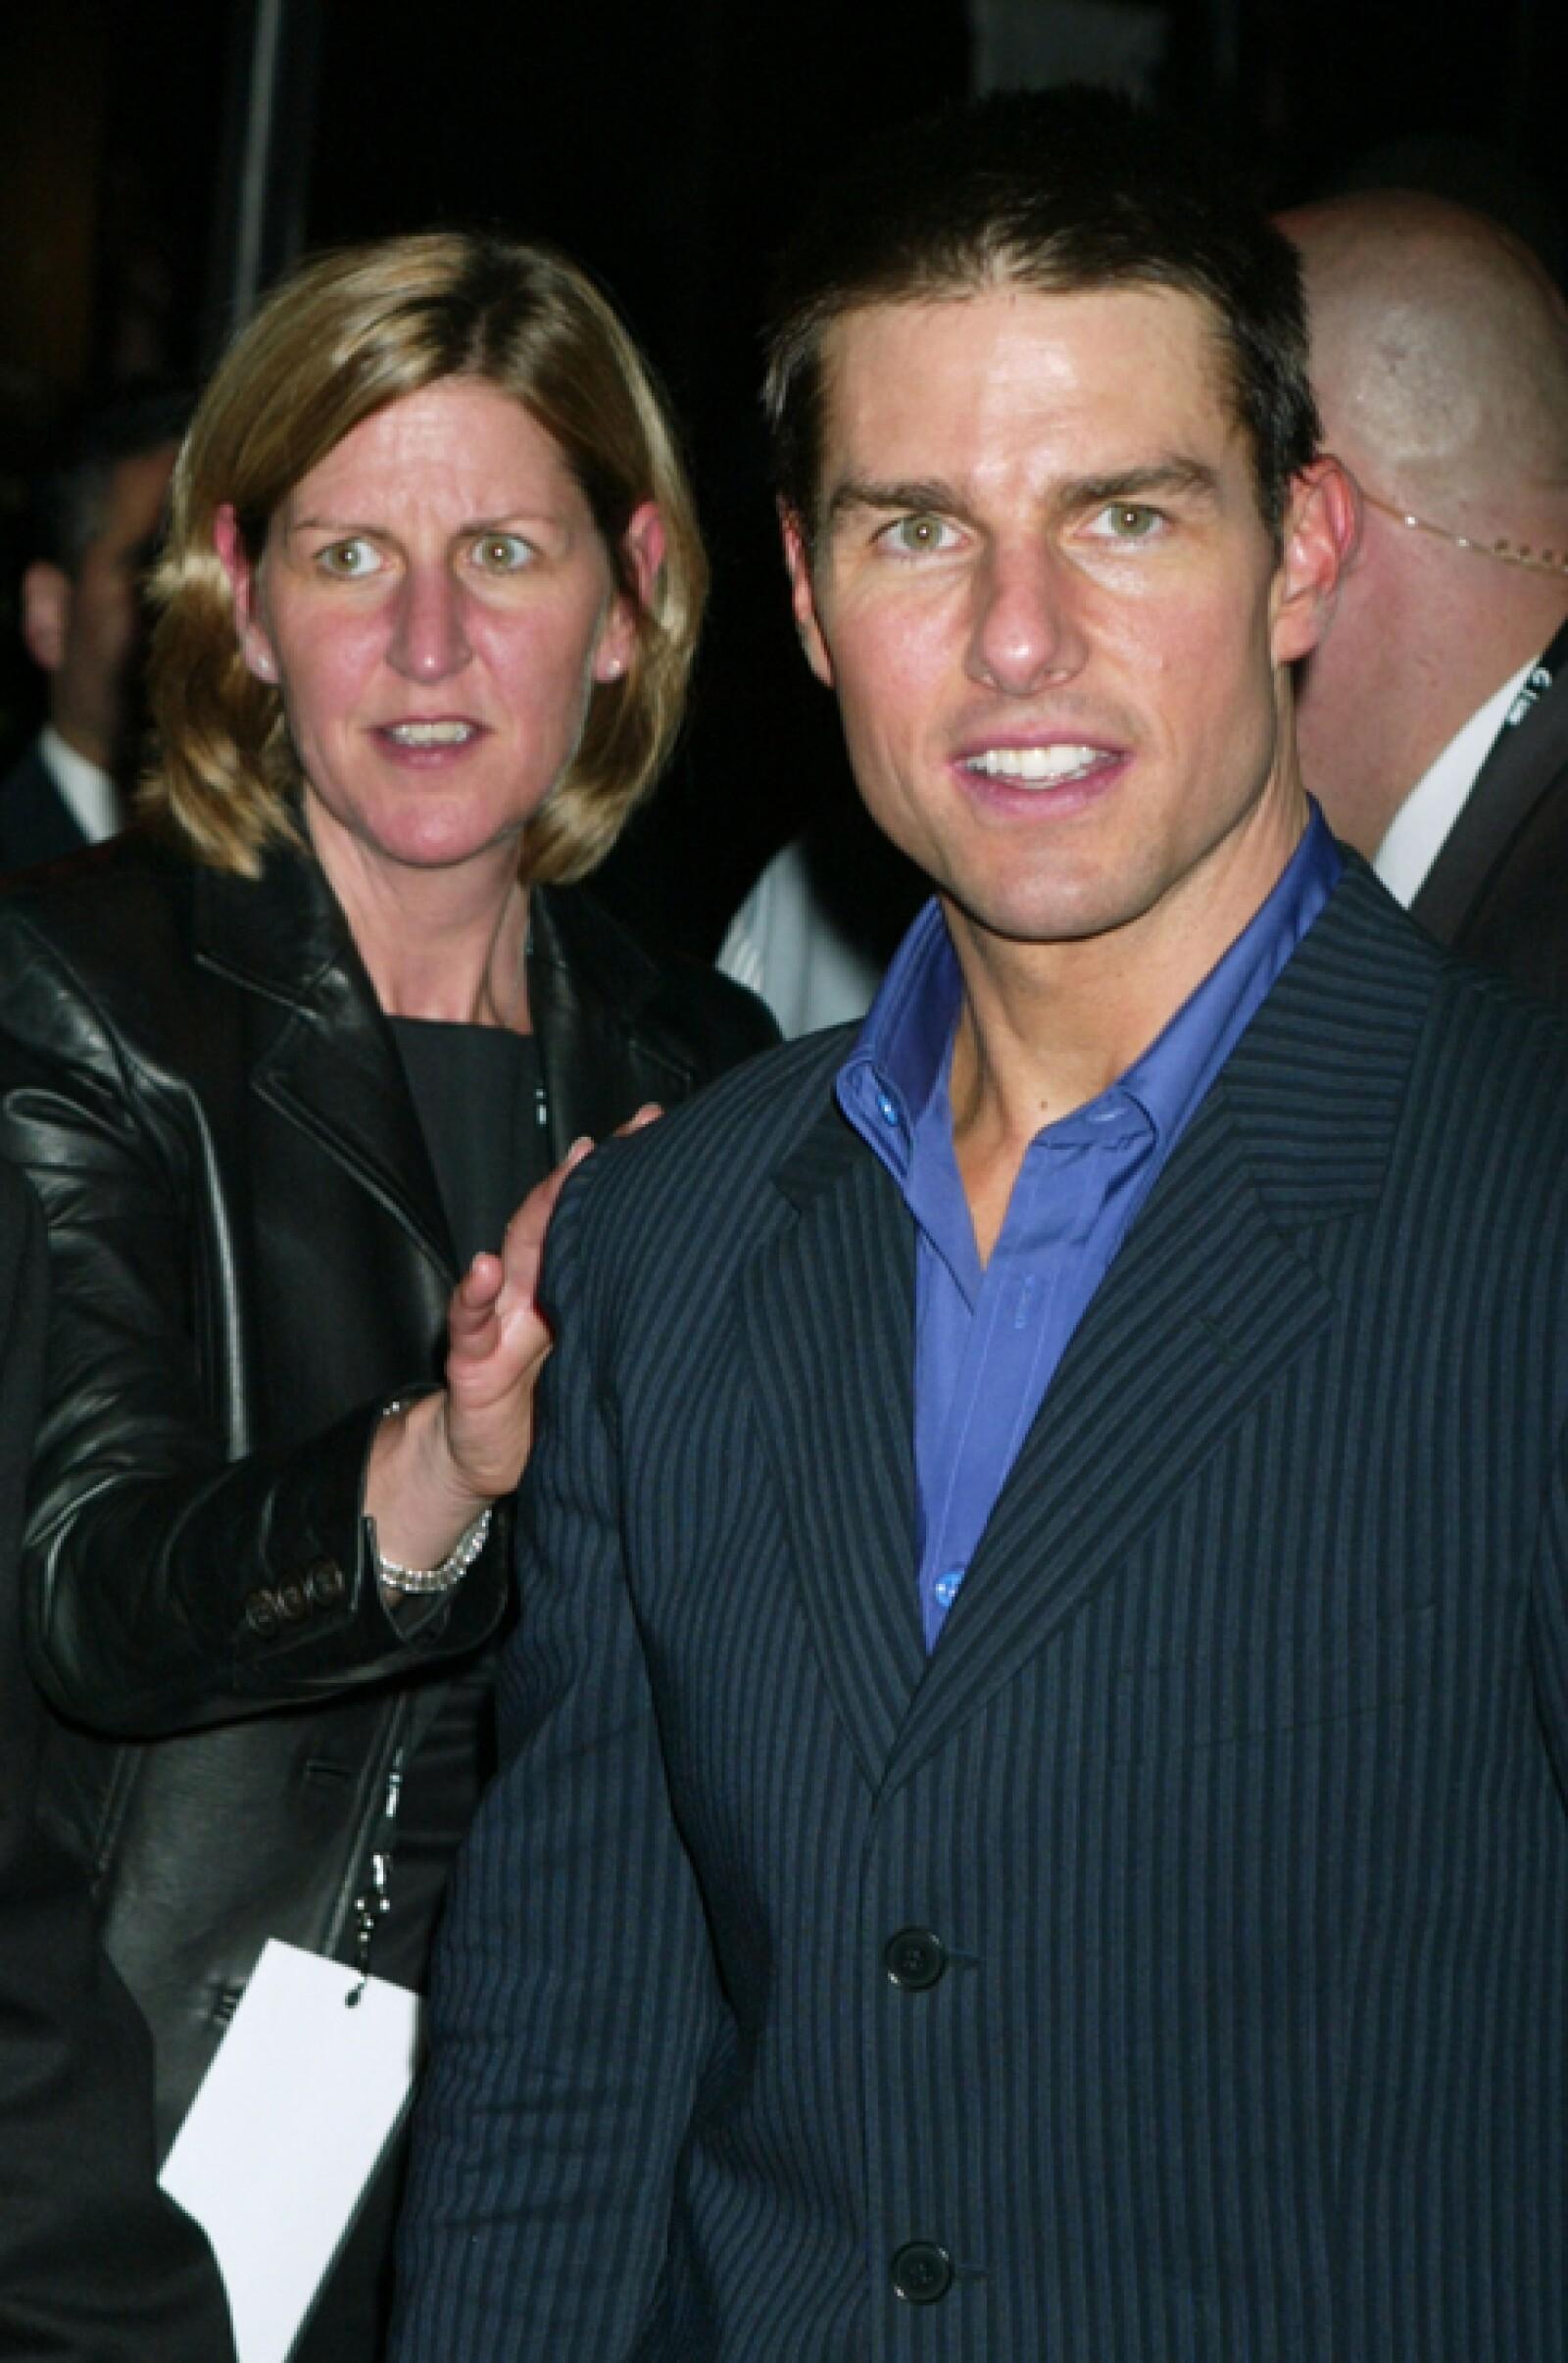 Lee Anne DeVette es la menos agraciada hermana de Tom Cruise. Esperemos que no haya resentimientos de su parte, porque al ser la publirrelacionista del actor, podría ser fatal.